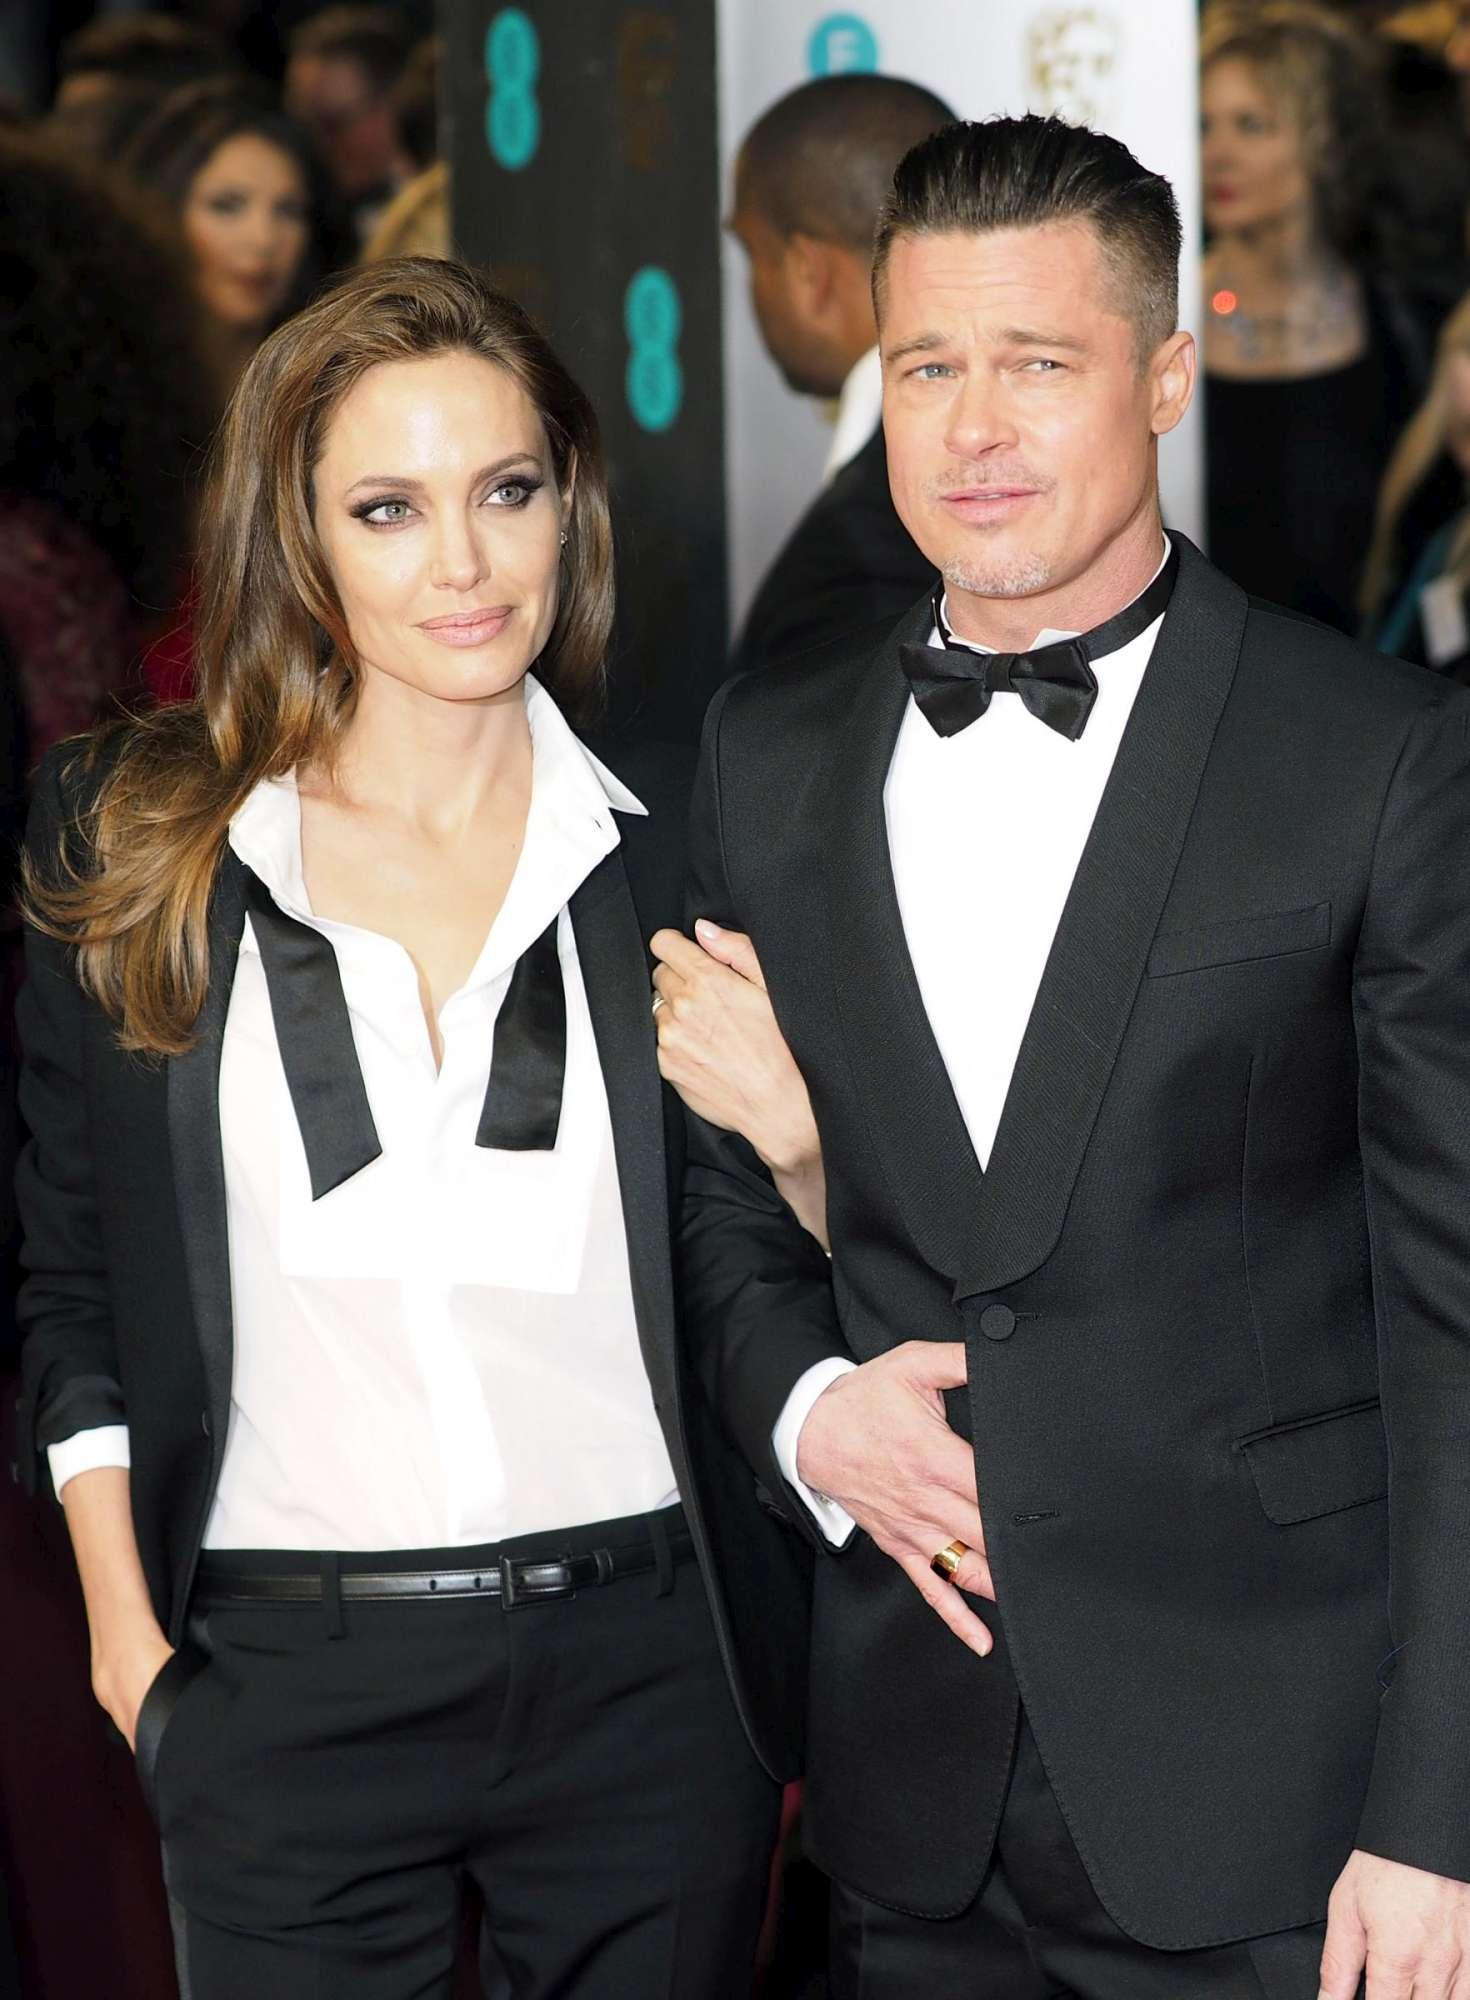 Pitt e Jolie erano già separati in casa da tempo. Intanto Brad si sottopone a test urina